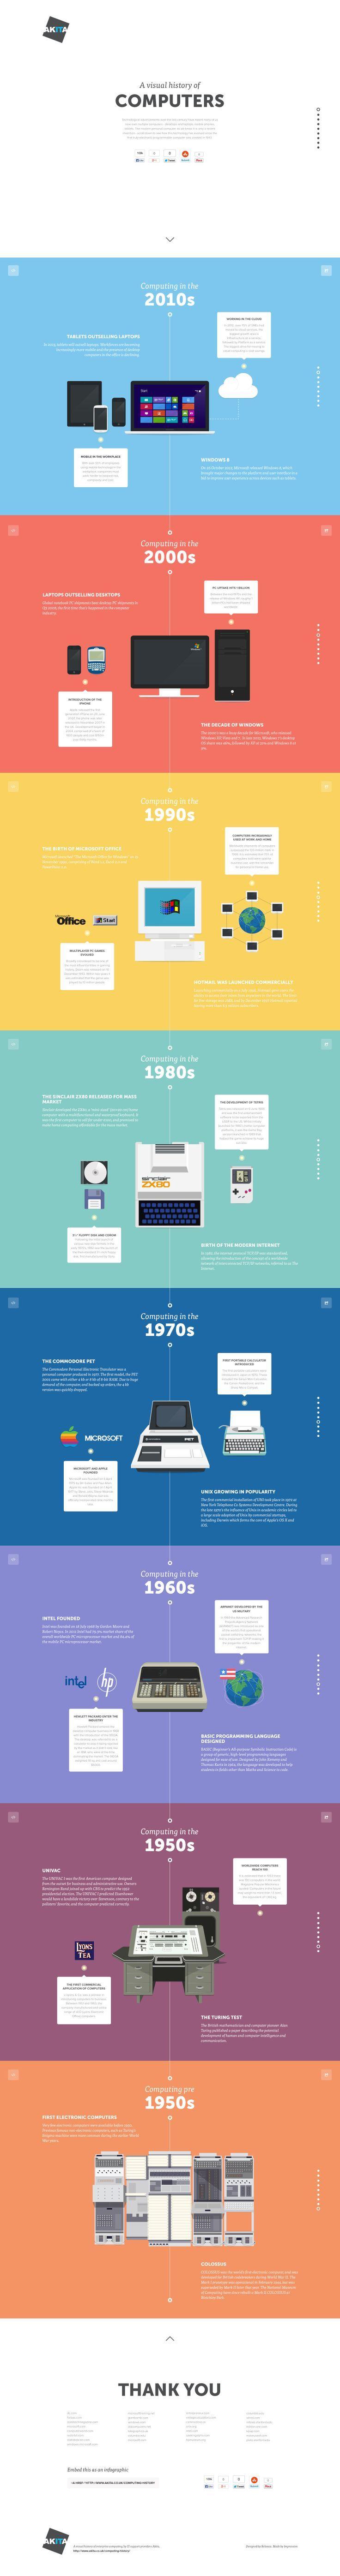 A Visual History of Computing